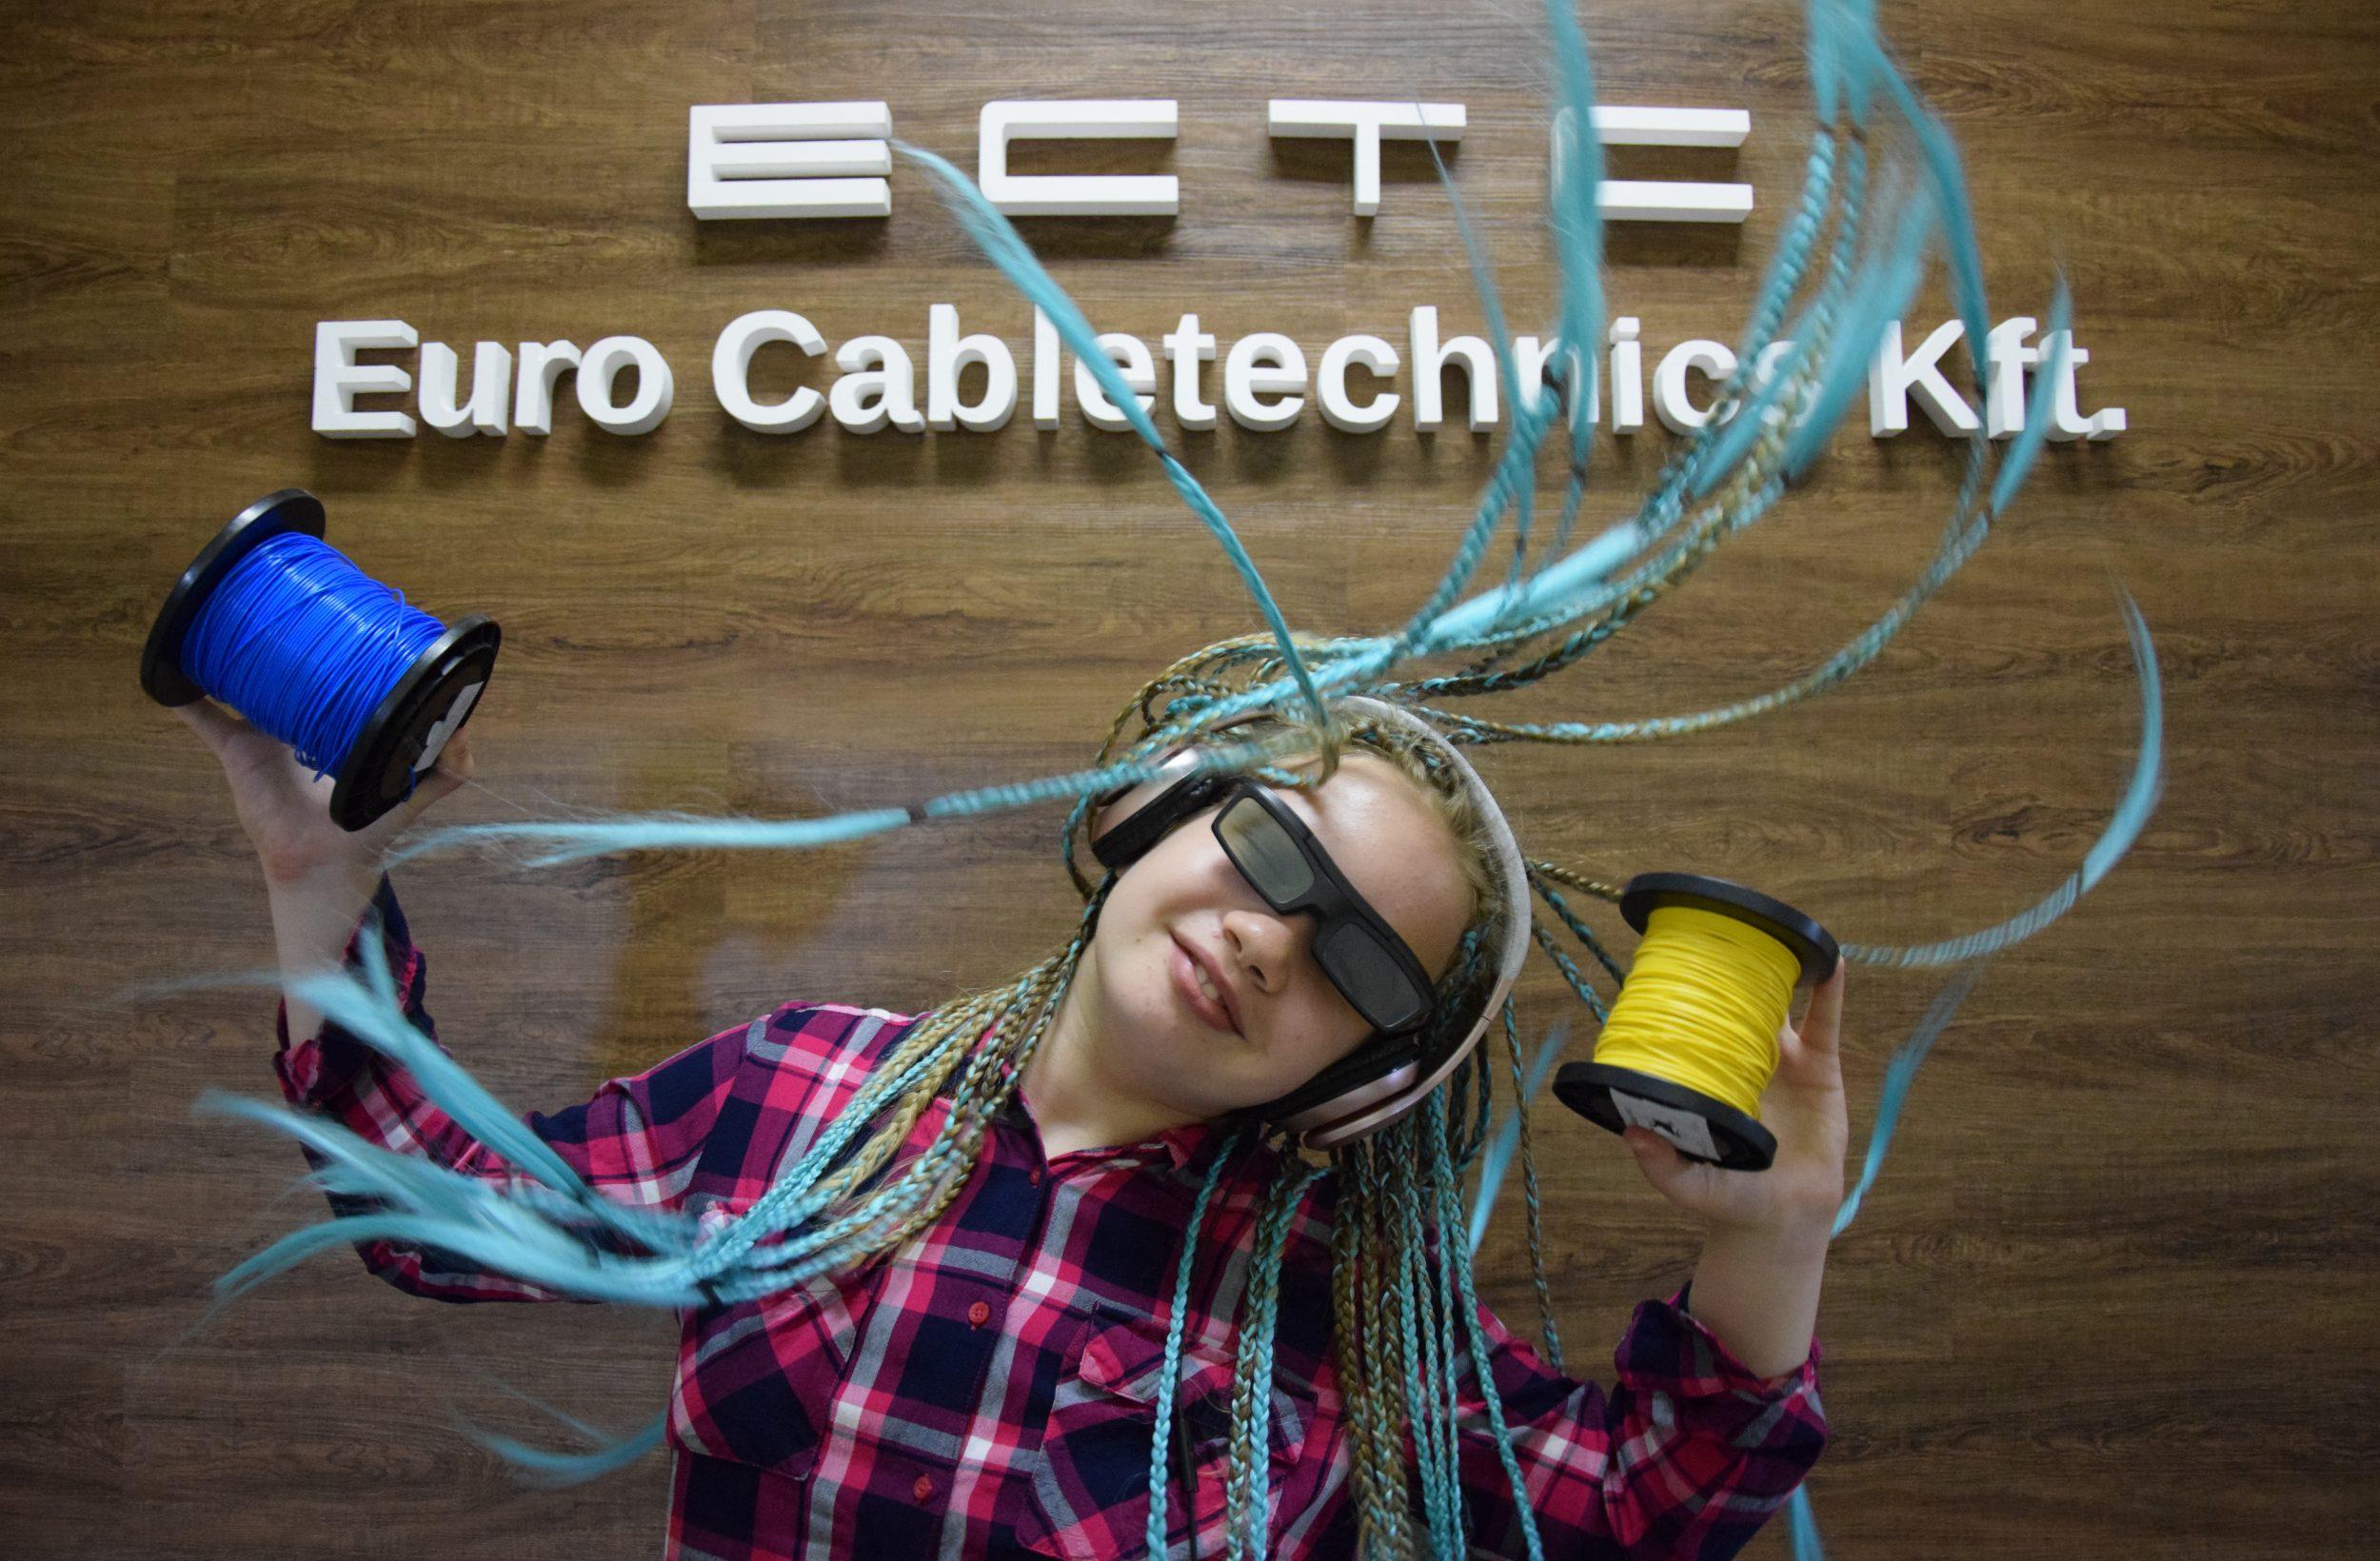 Kábelszerelés, Kábelkonfekcionálás, Krimpelés, Forrasztás –  Euro Cabletechnics Kft.